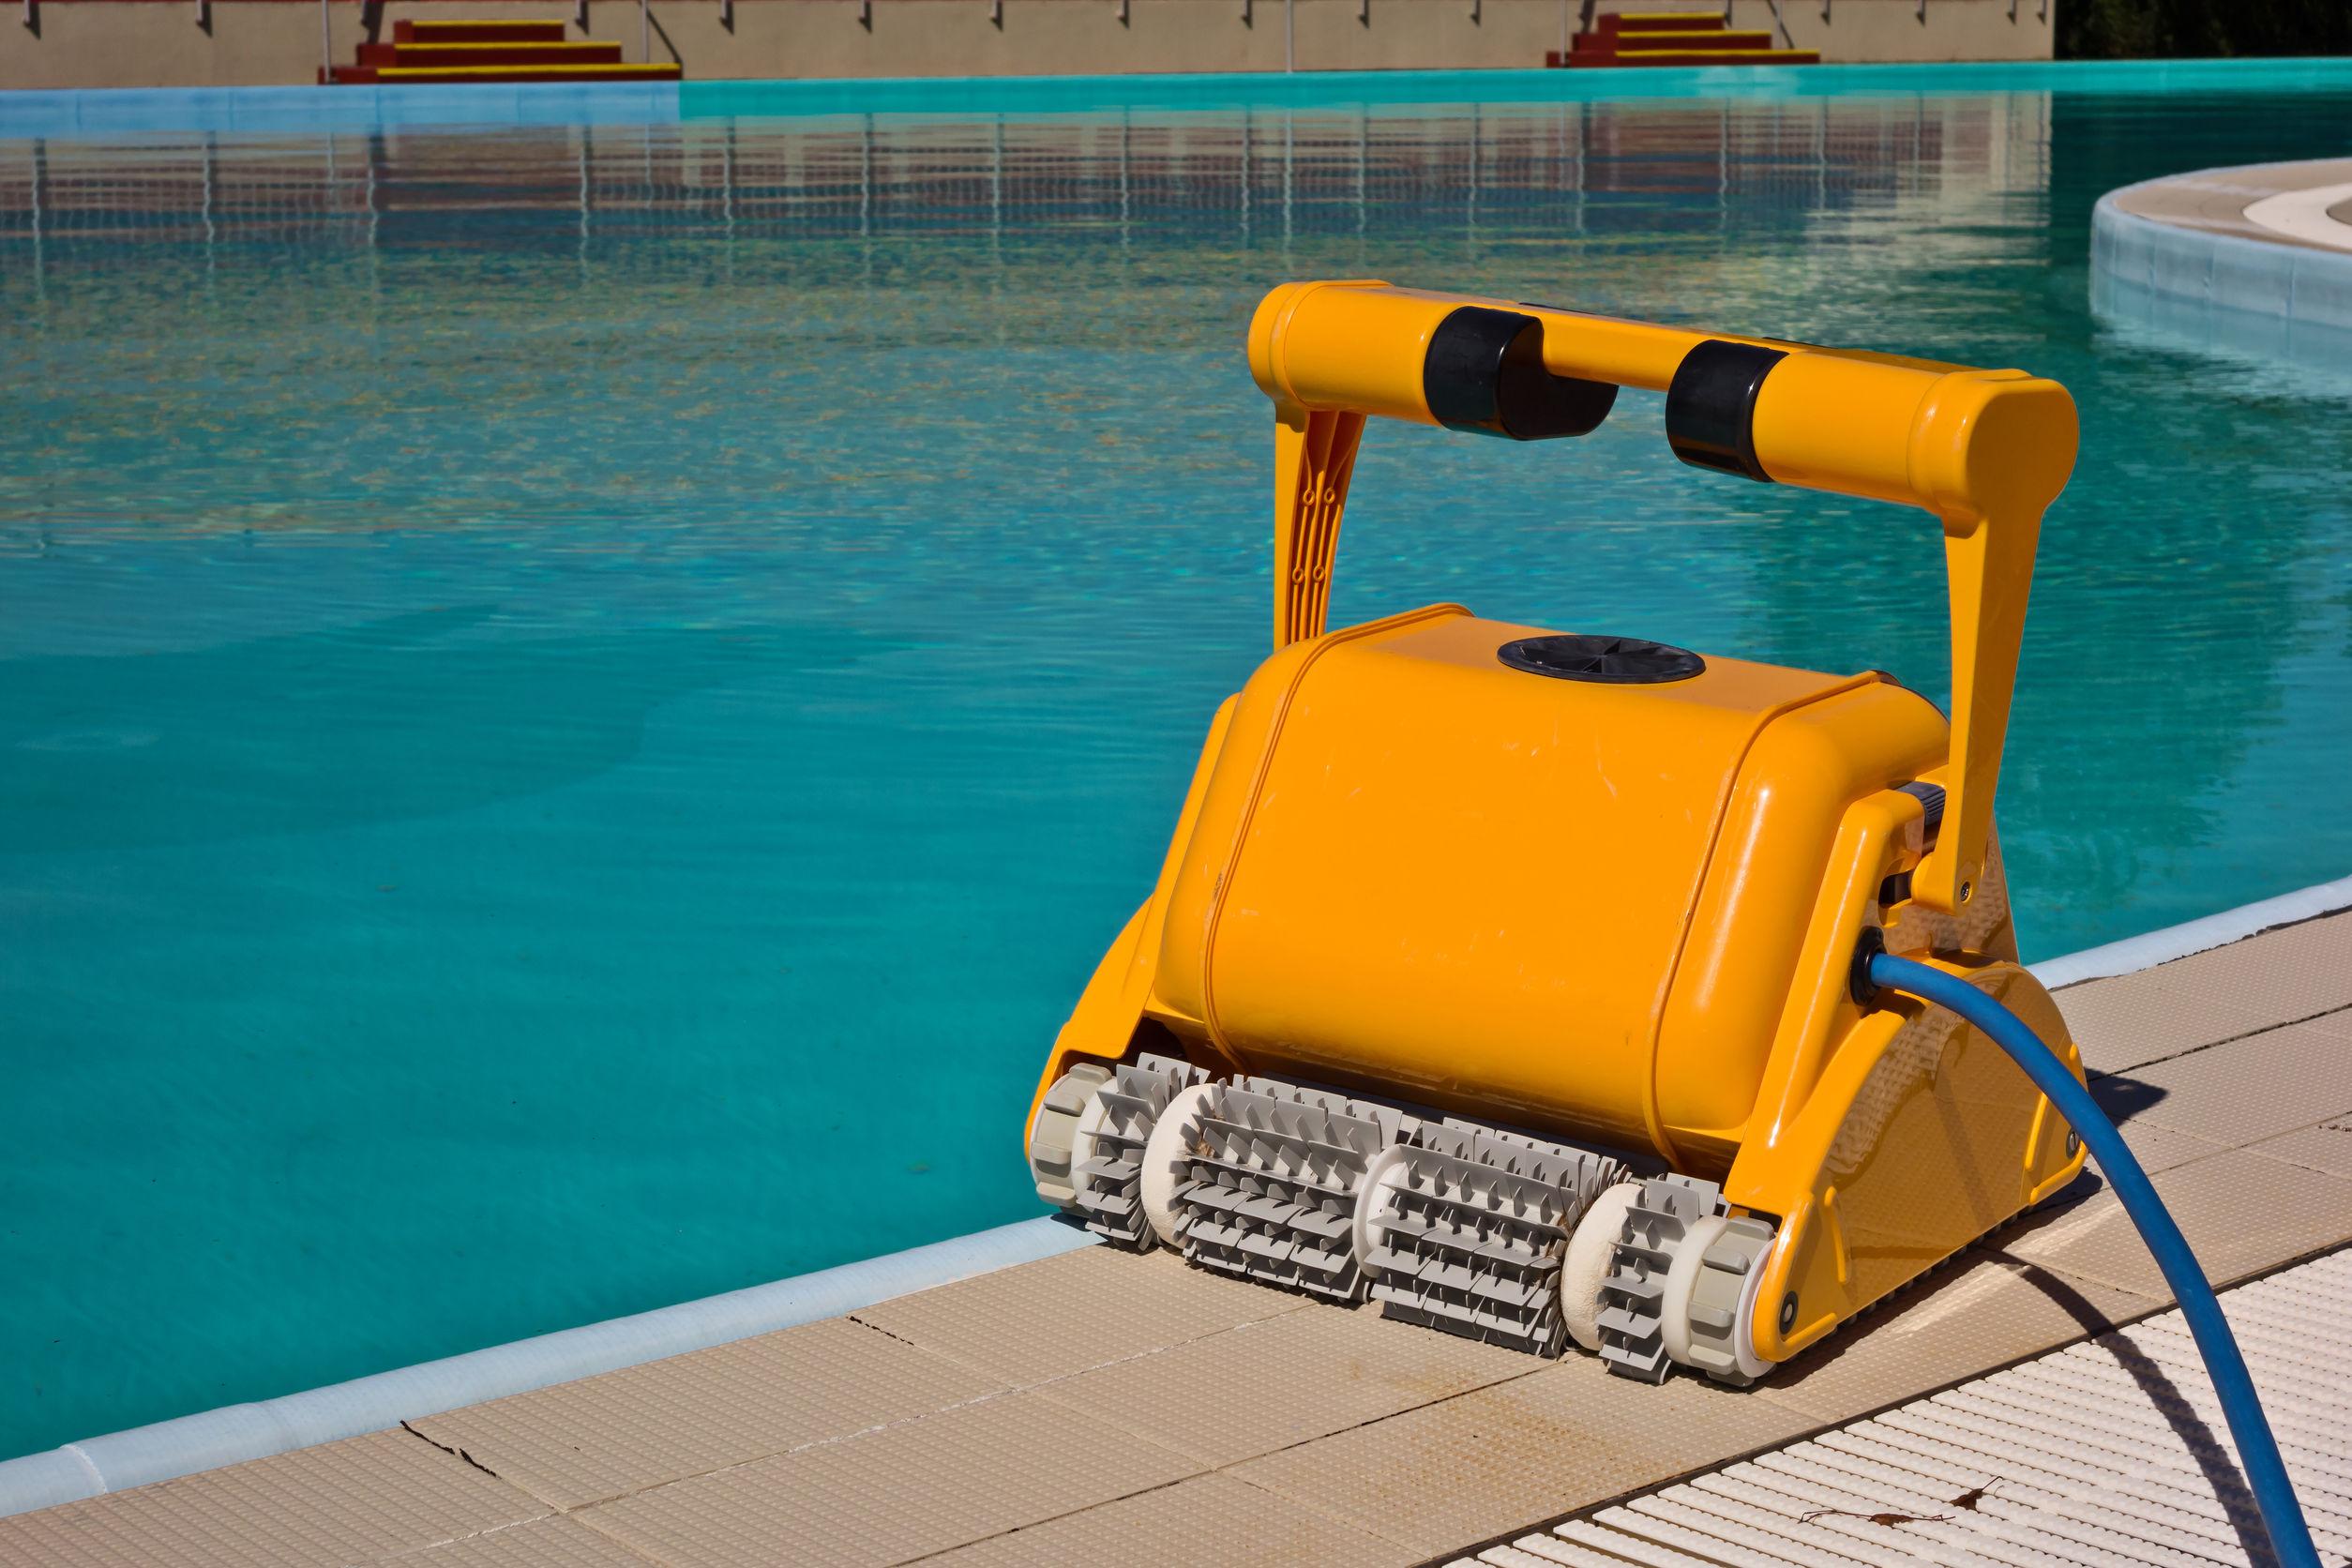 Limpiafondos de piscina: ¿Cuáles son los mejores del 2020?